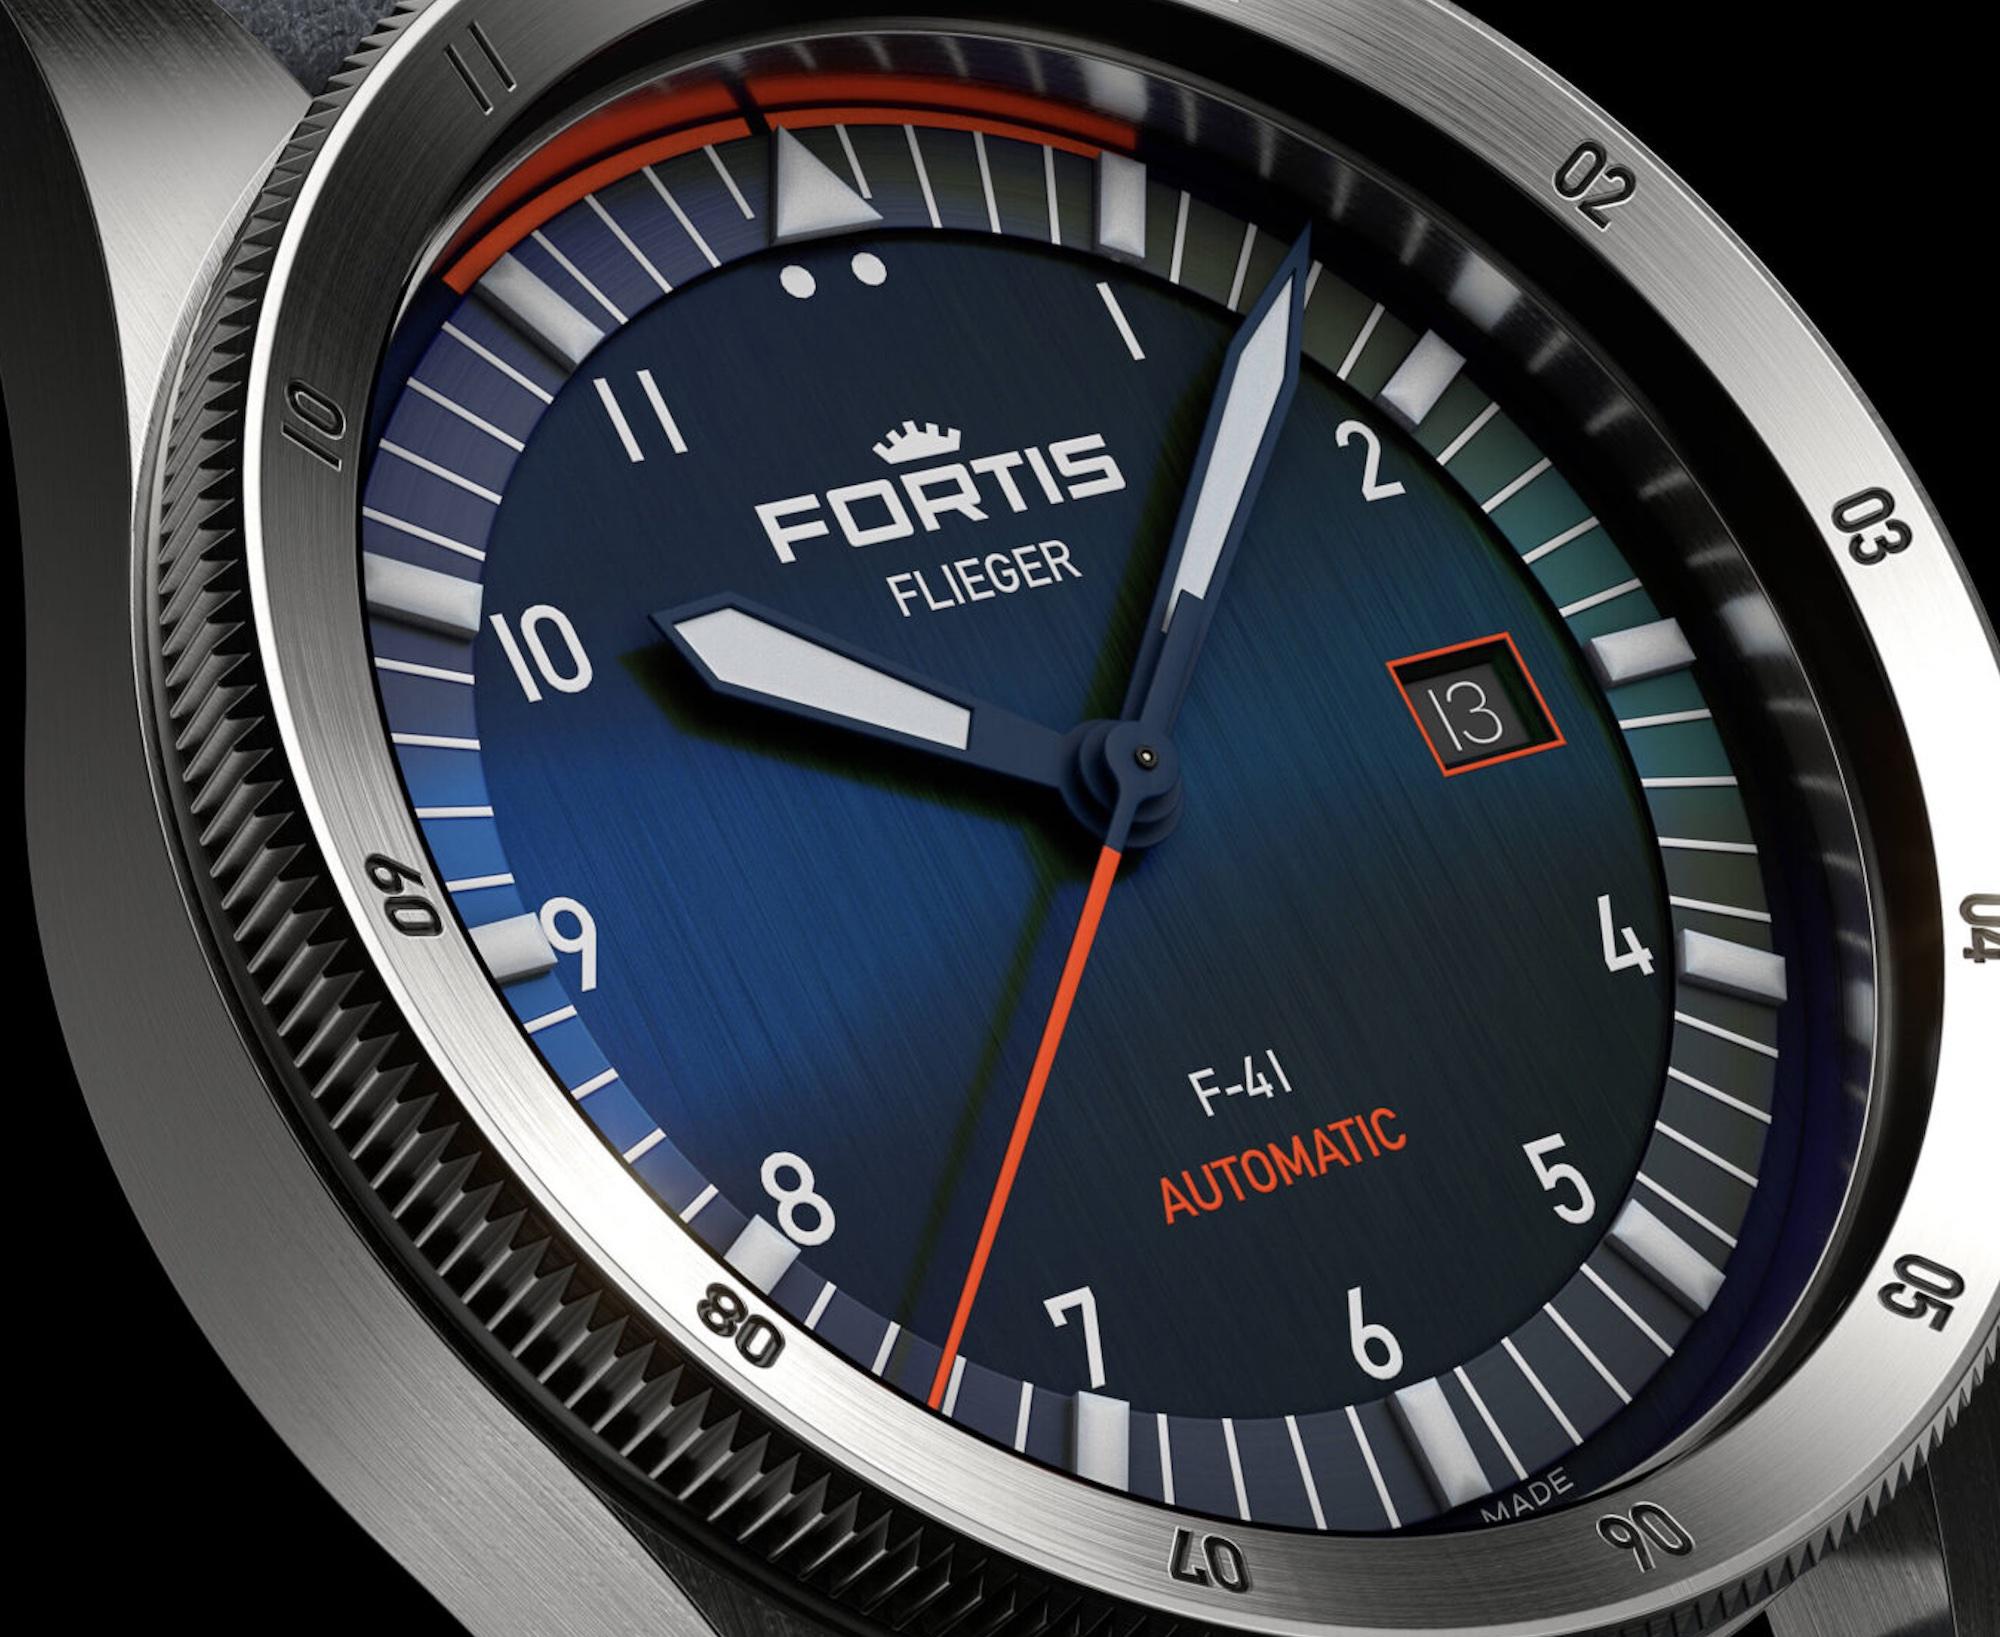 Fortis Flieger F-41 Midnight Blue F4220013 Detalle esfera